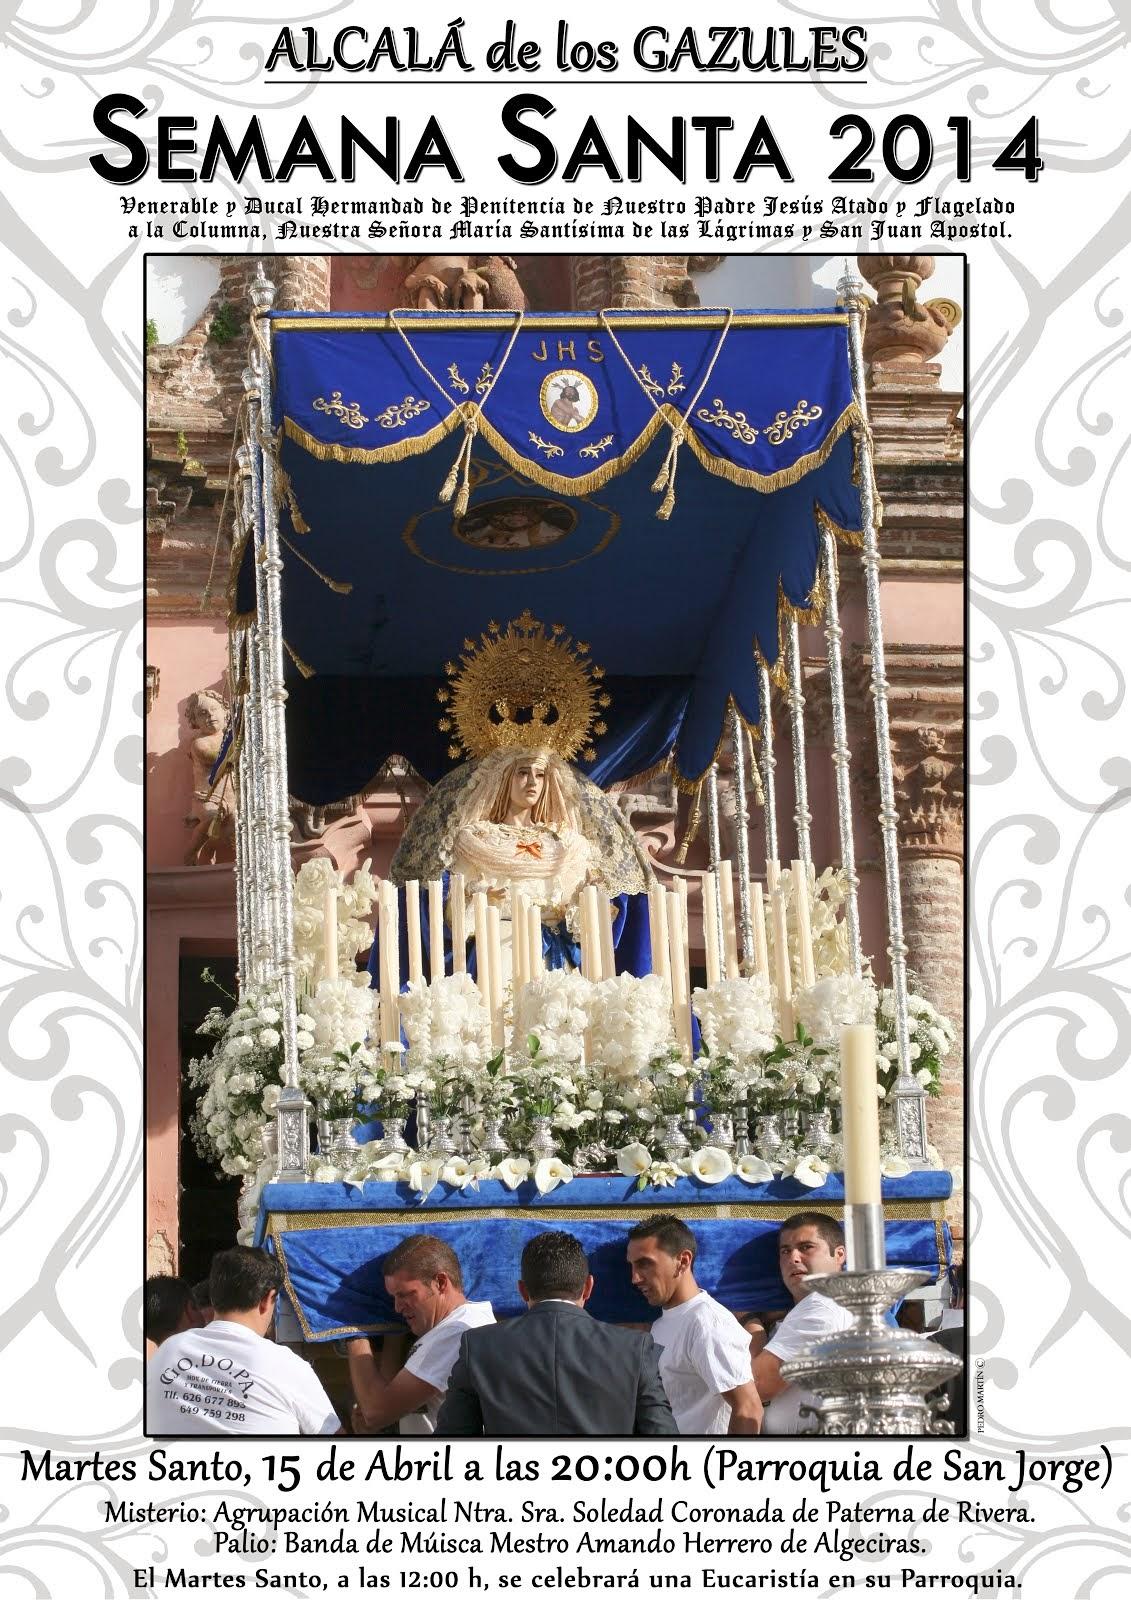 SEMANA SANTA 2014 - ALCALÁ DE LOS GAZULES